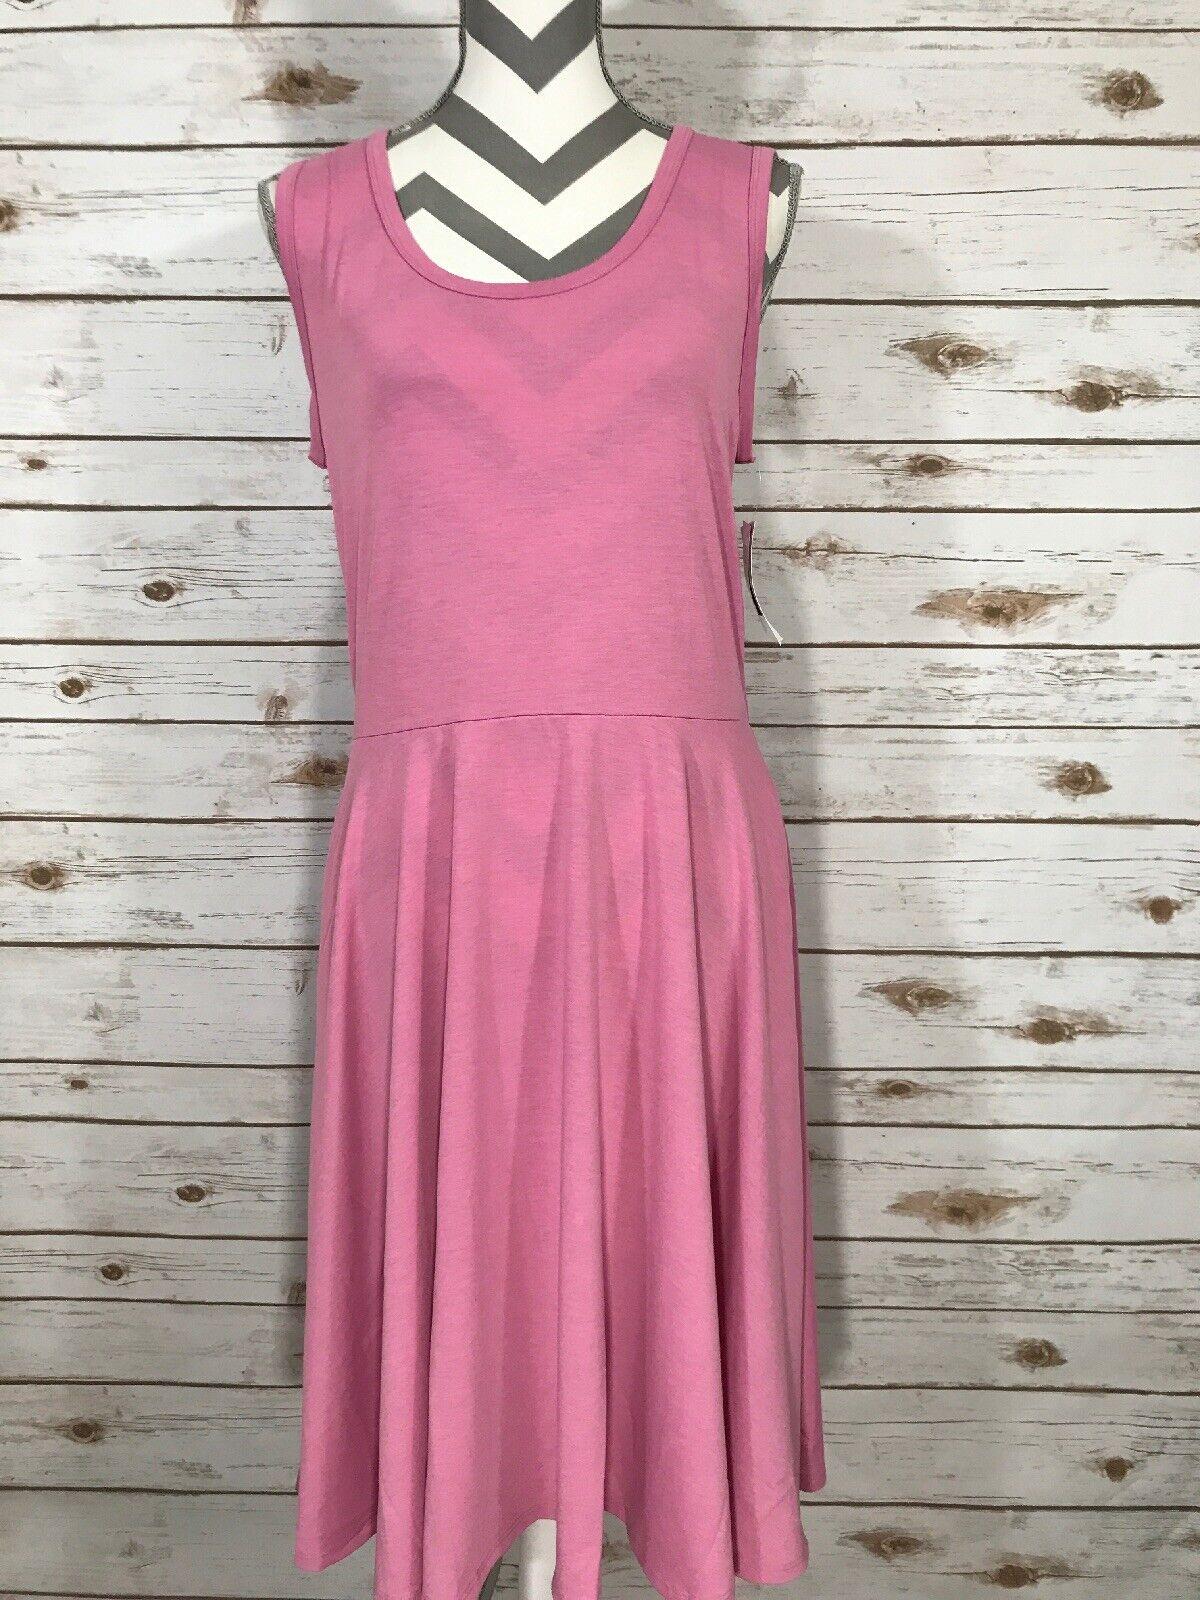 L Large LuLaRoe Nicki Sleeveless Pocket Dress Solid Rosa NWT